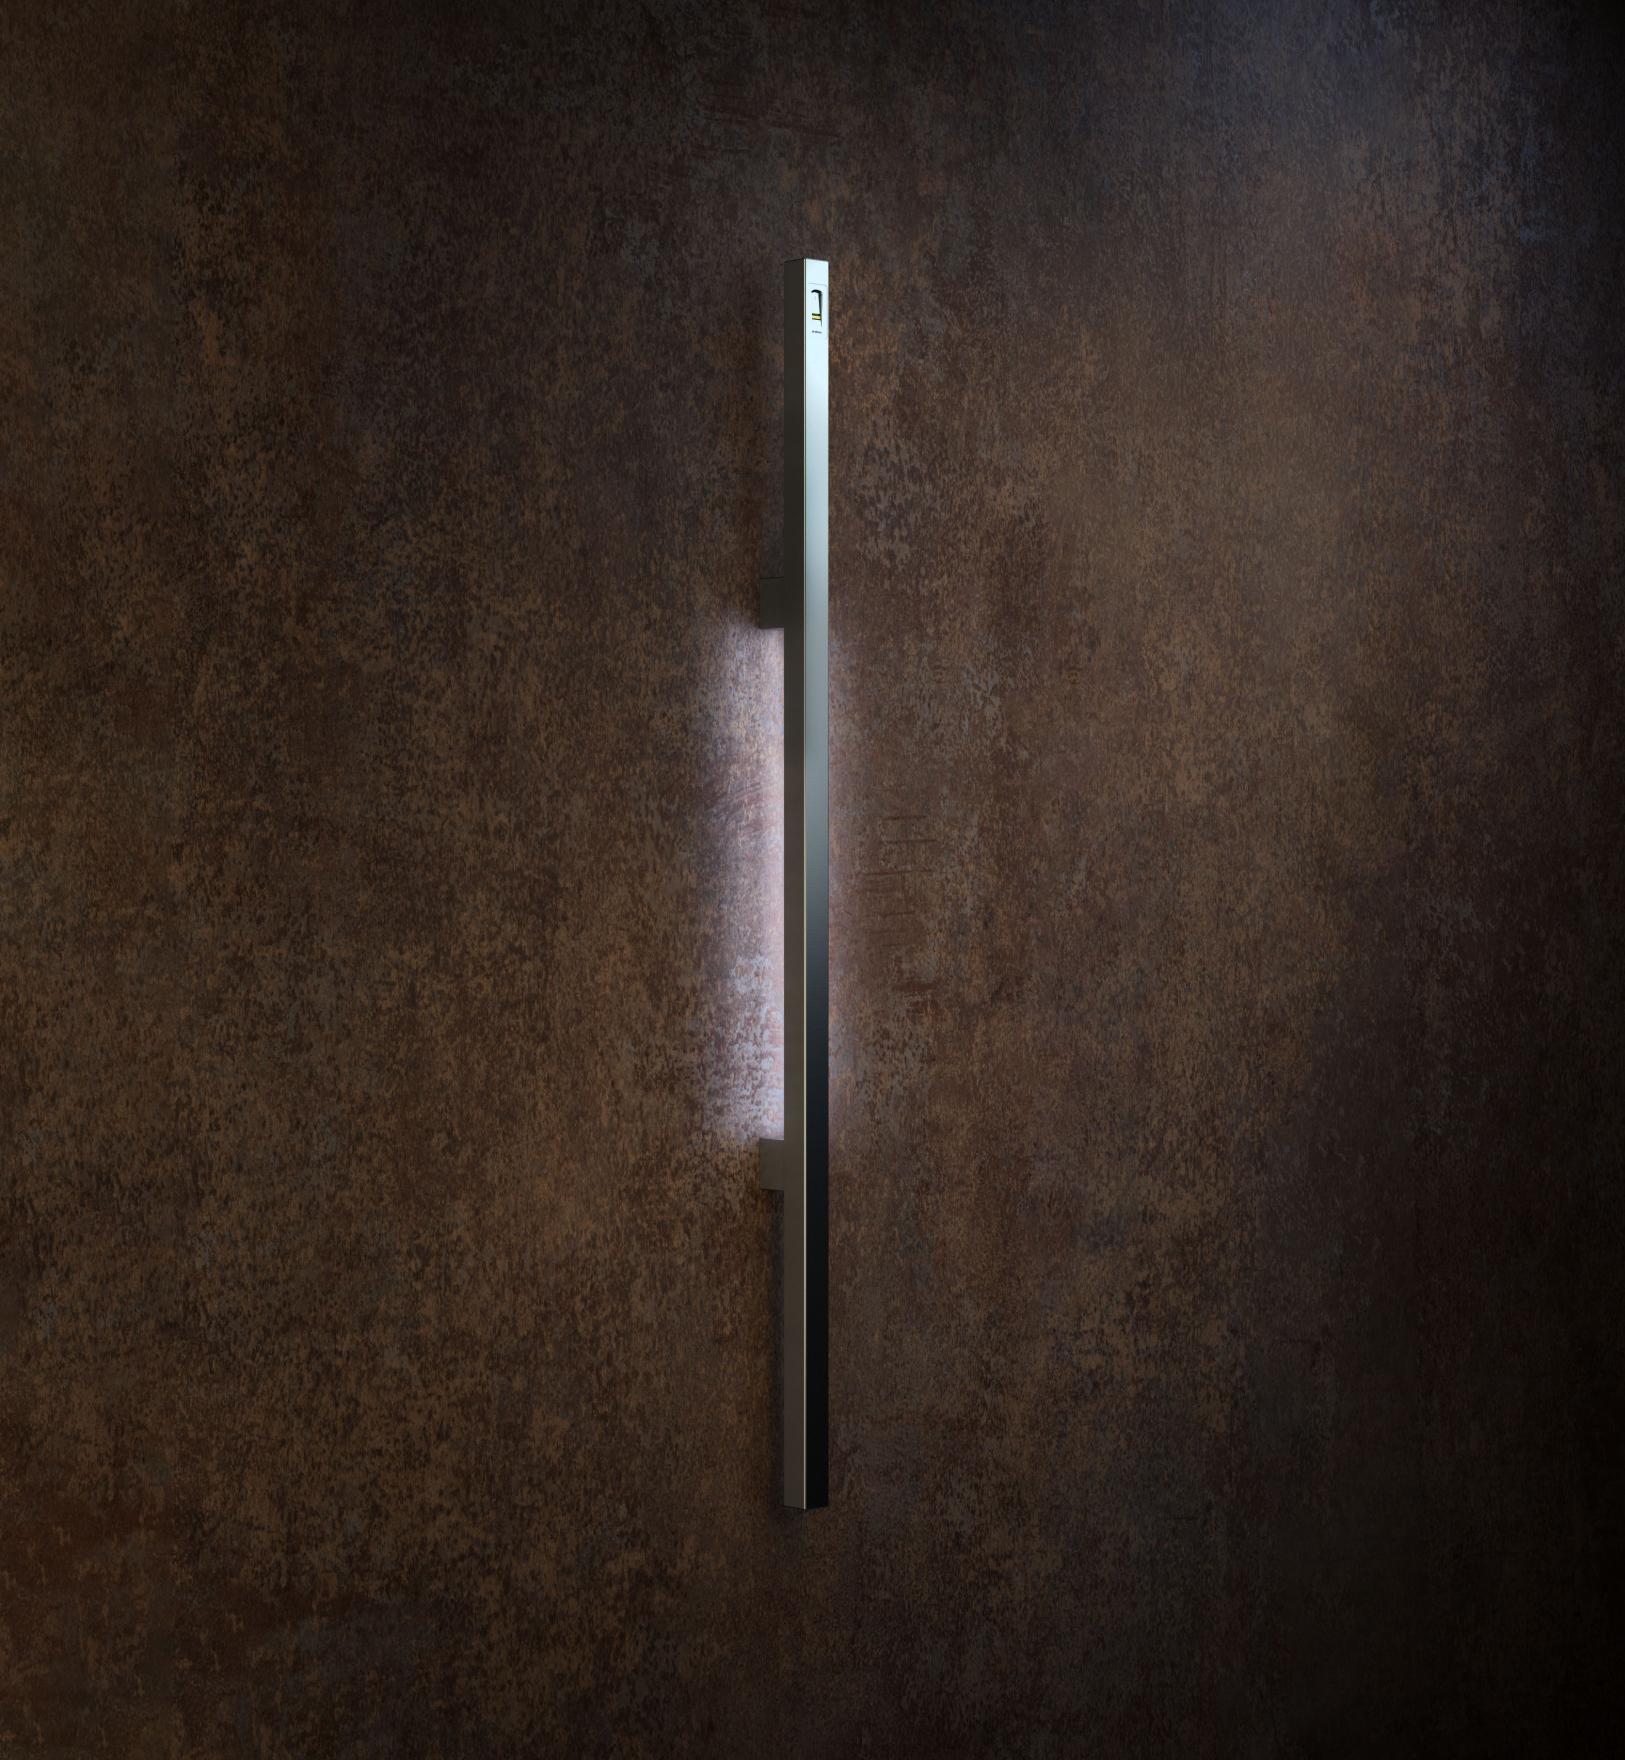 Kvadraten ročaj za vhodna vrata z vgrajenim čitalnikom prstnih odtisov ekey - Square pull handle with ekey fingerprint reader - Griffing